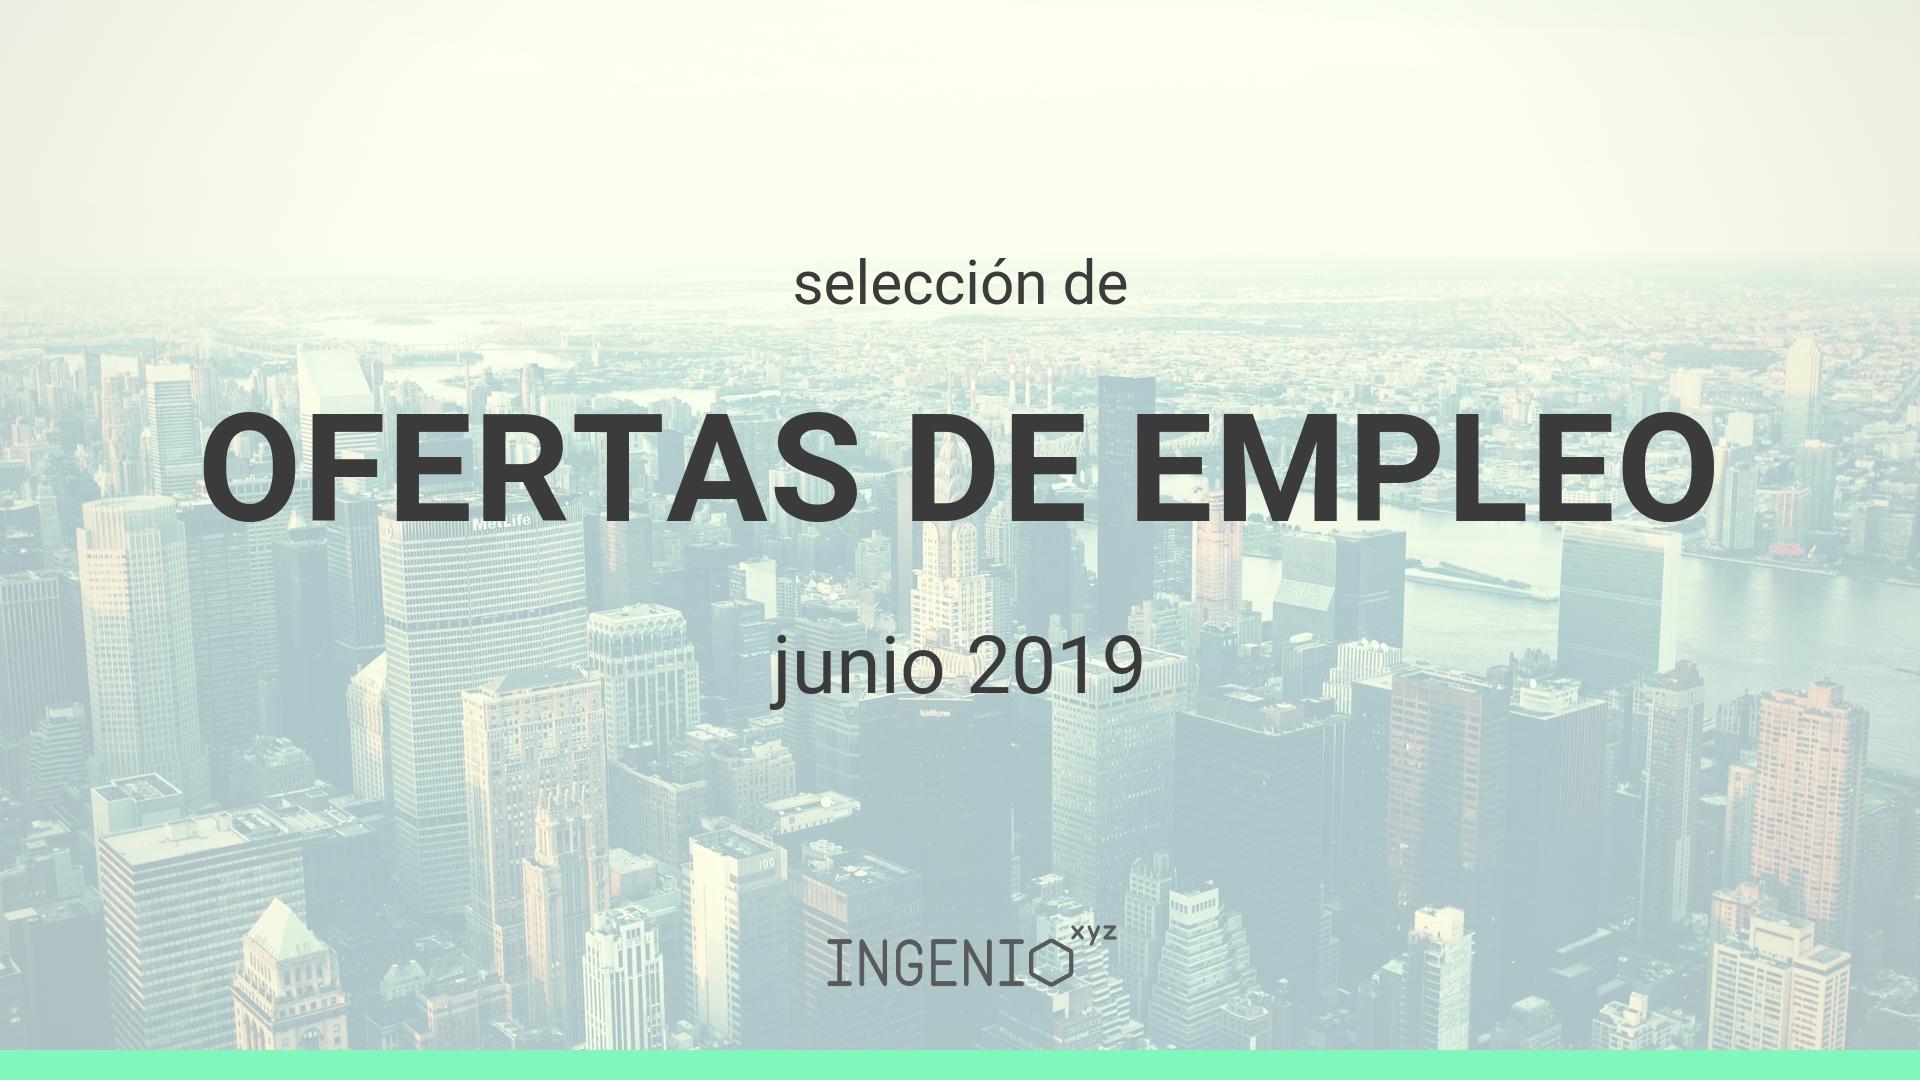 Imagen Selección ofertas de empleo Junio 2019